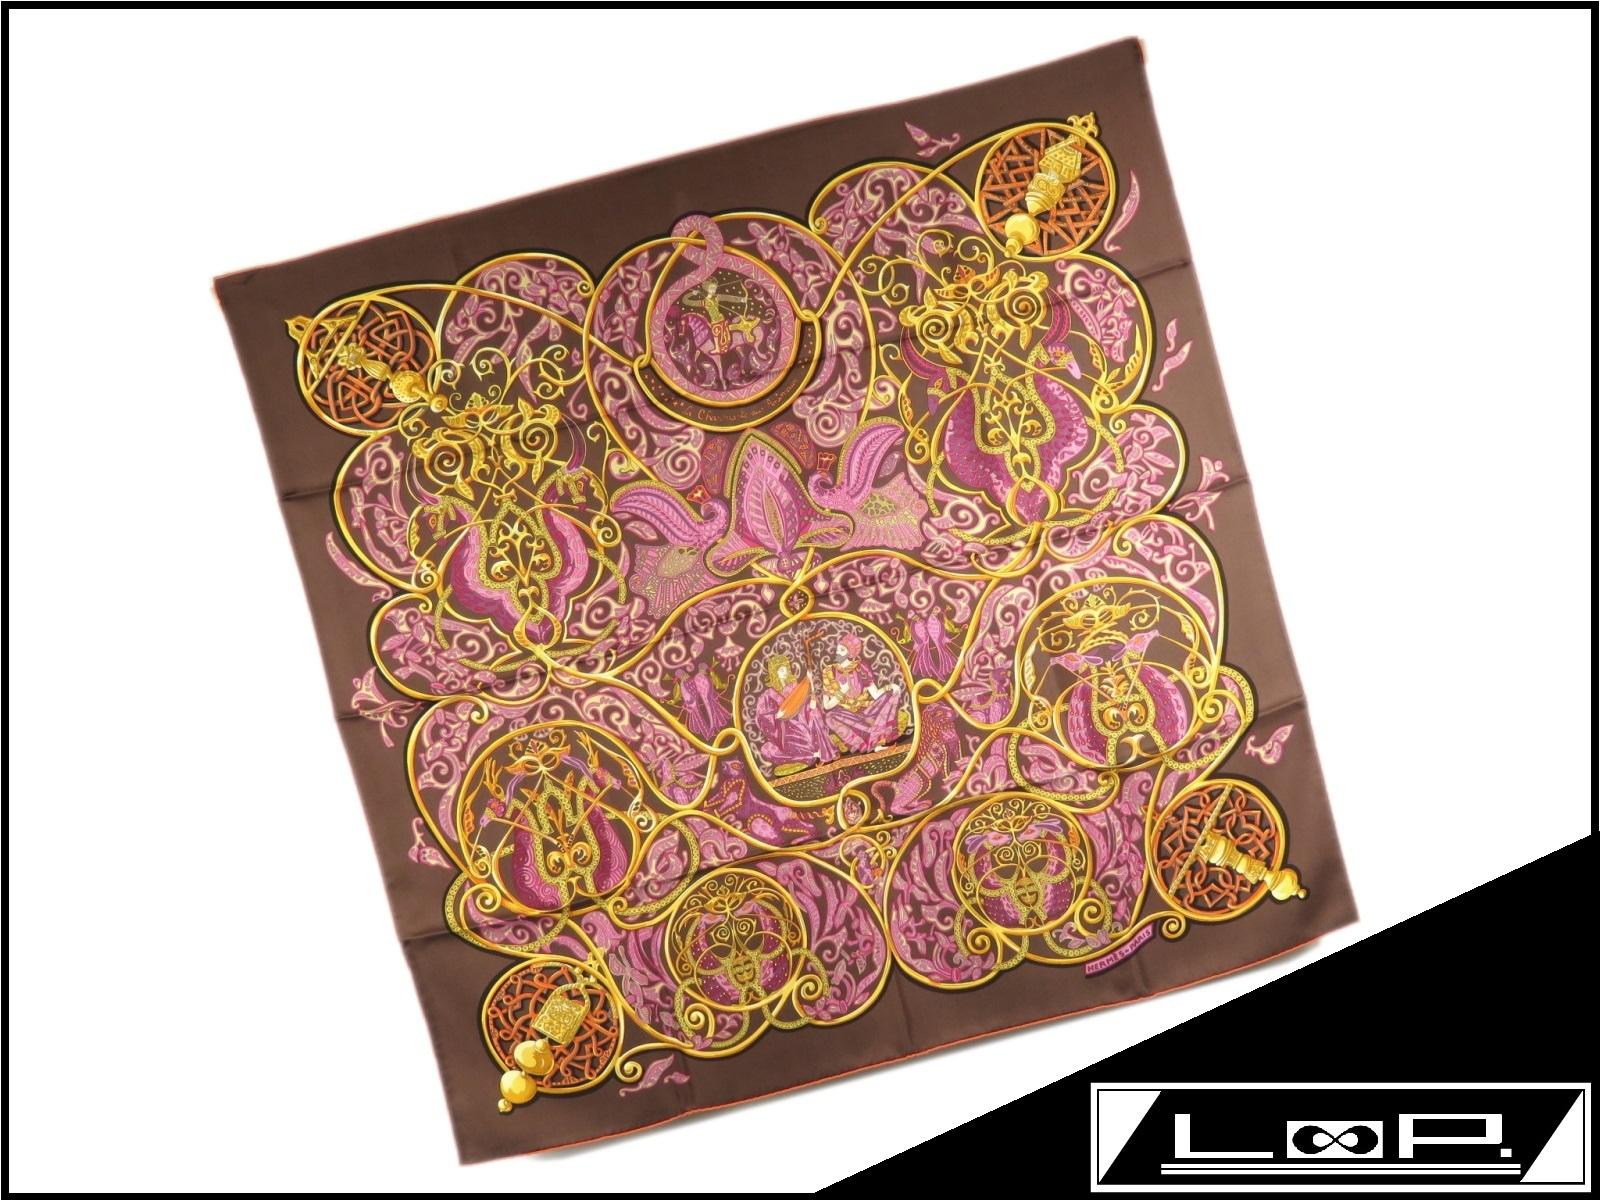 【美品】 HERMES エルメス カレ 90 Charmante aux Animaux 動物の楽園 スカーフ シルク ブラウン 茶 ピンク 【A24615】 【中古】